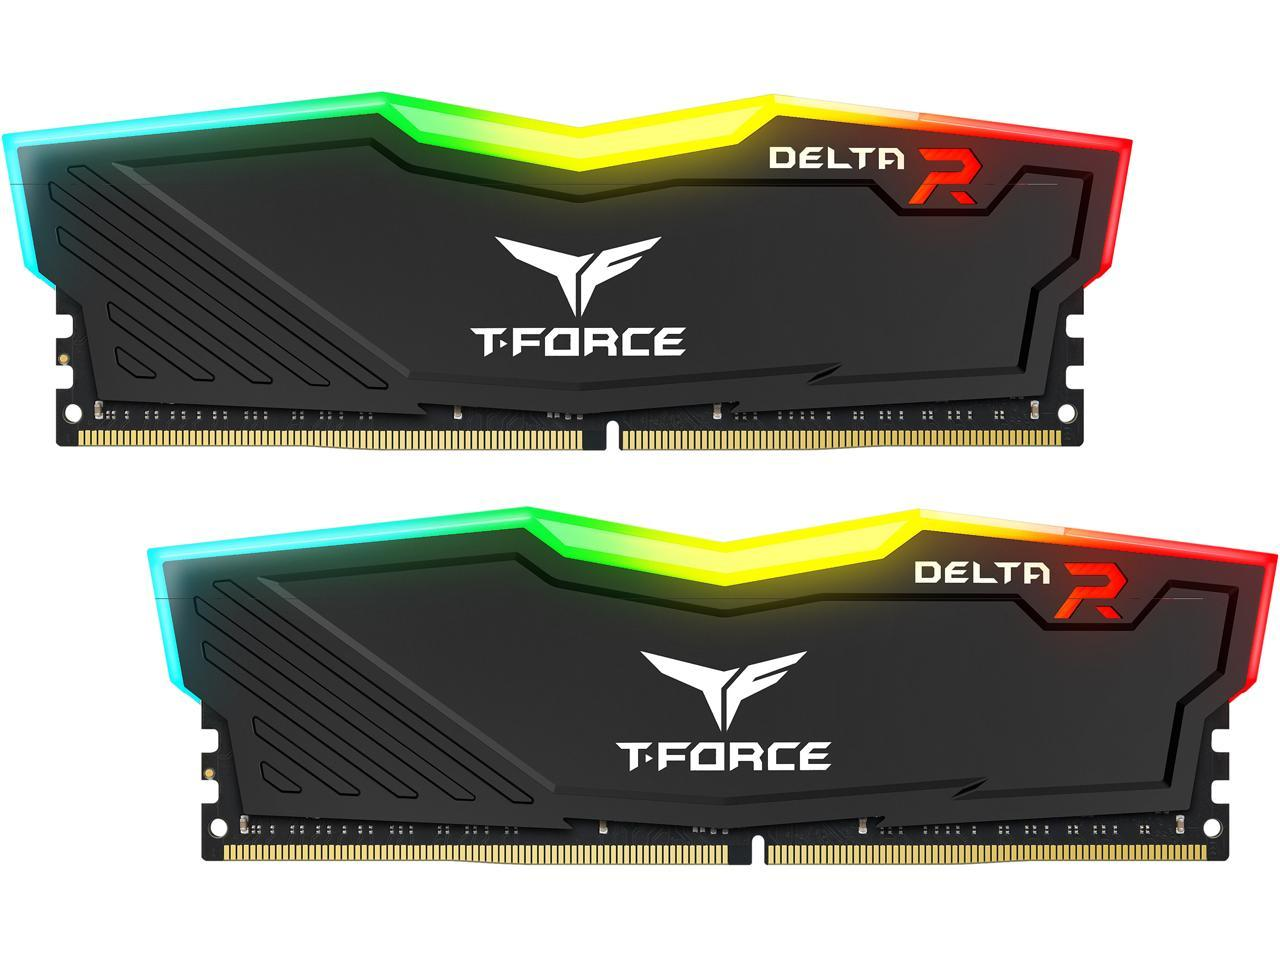 Kit de mémoire Delta RGB 32 Go T-Force Noir